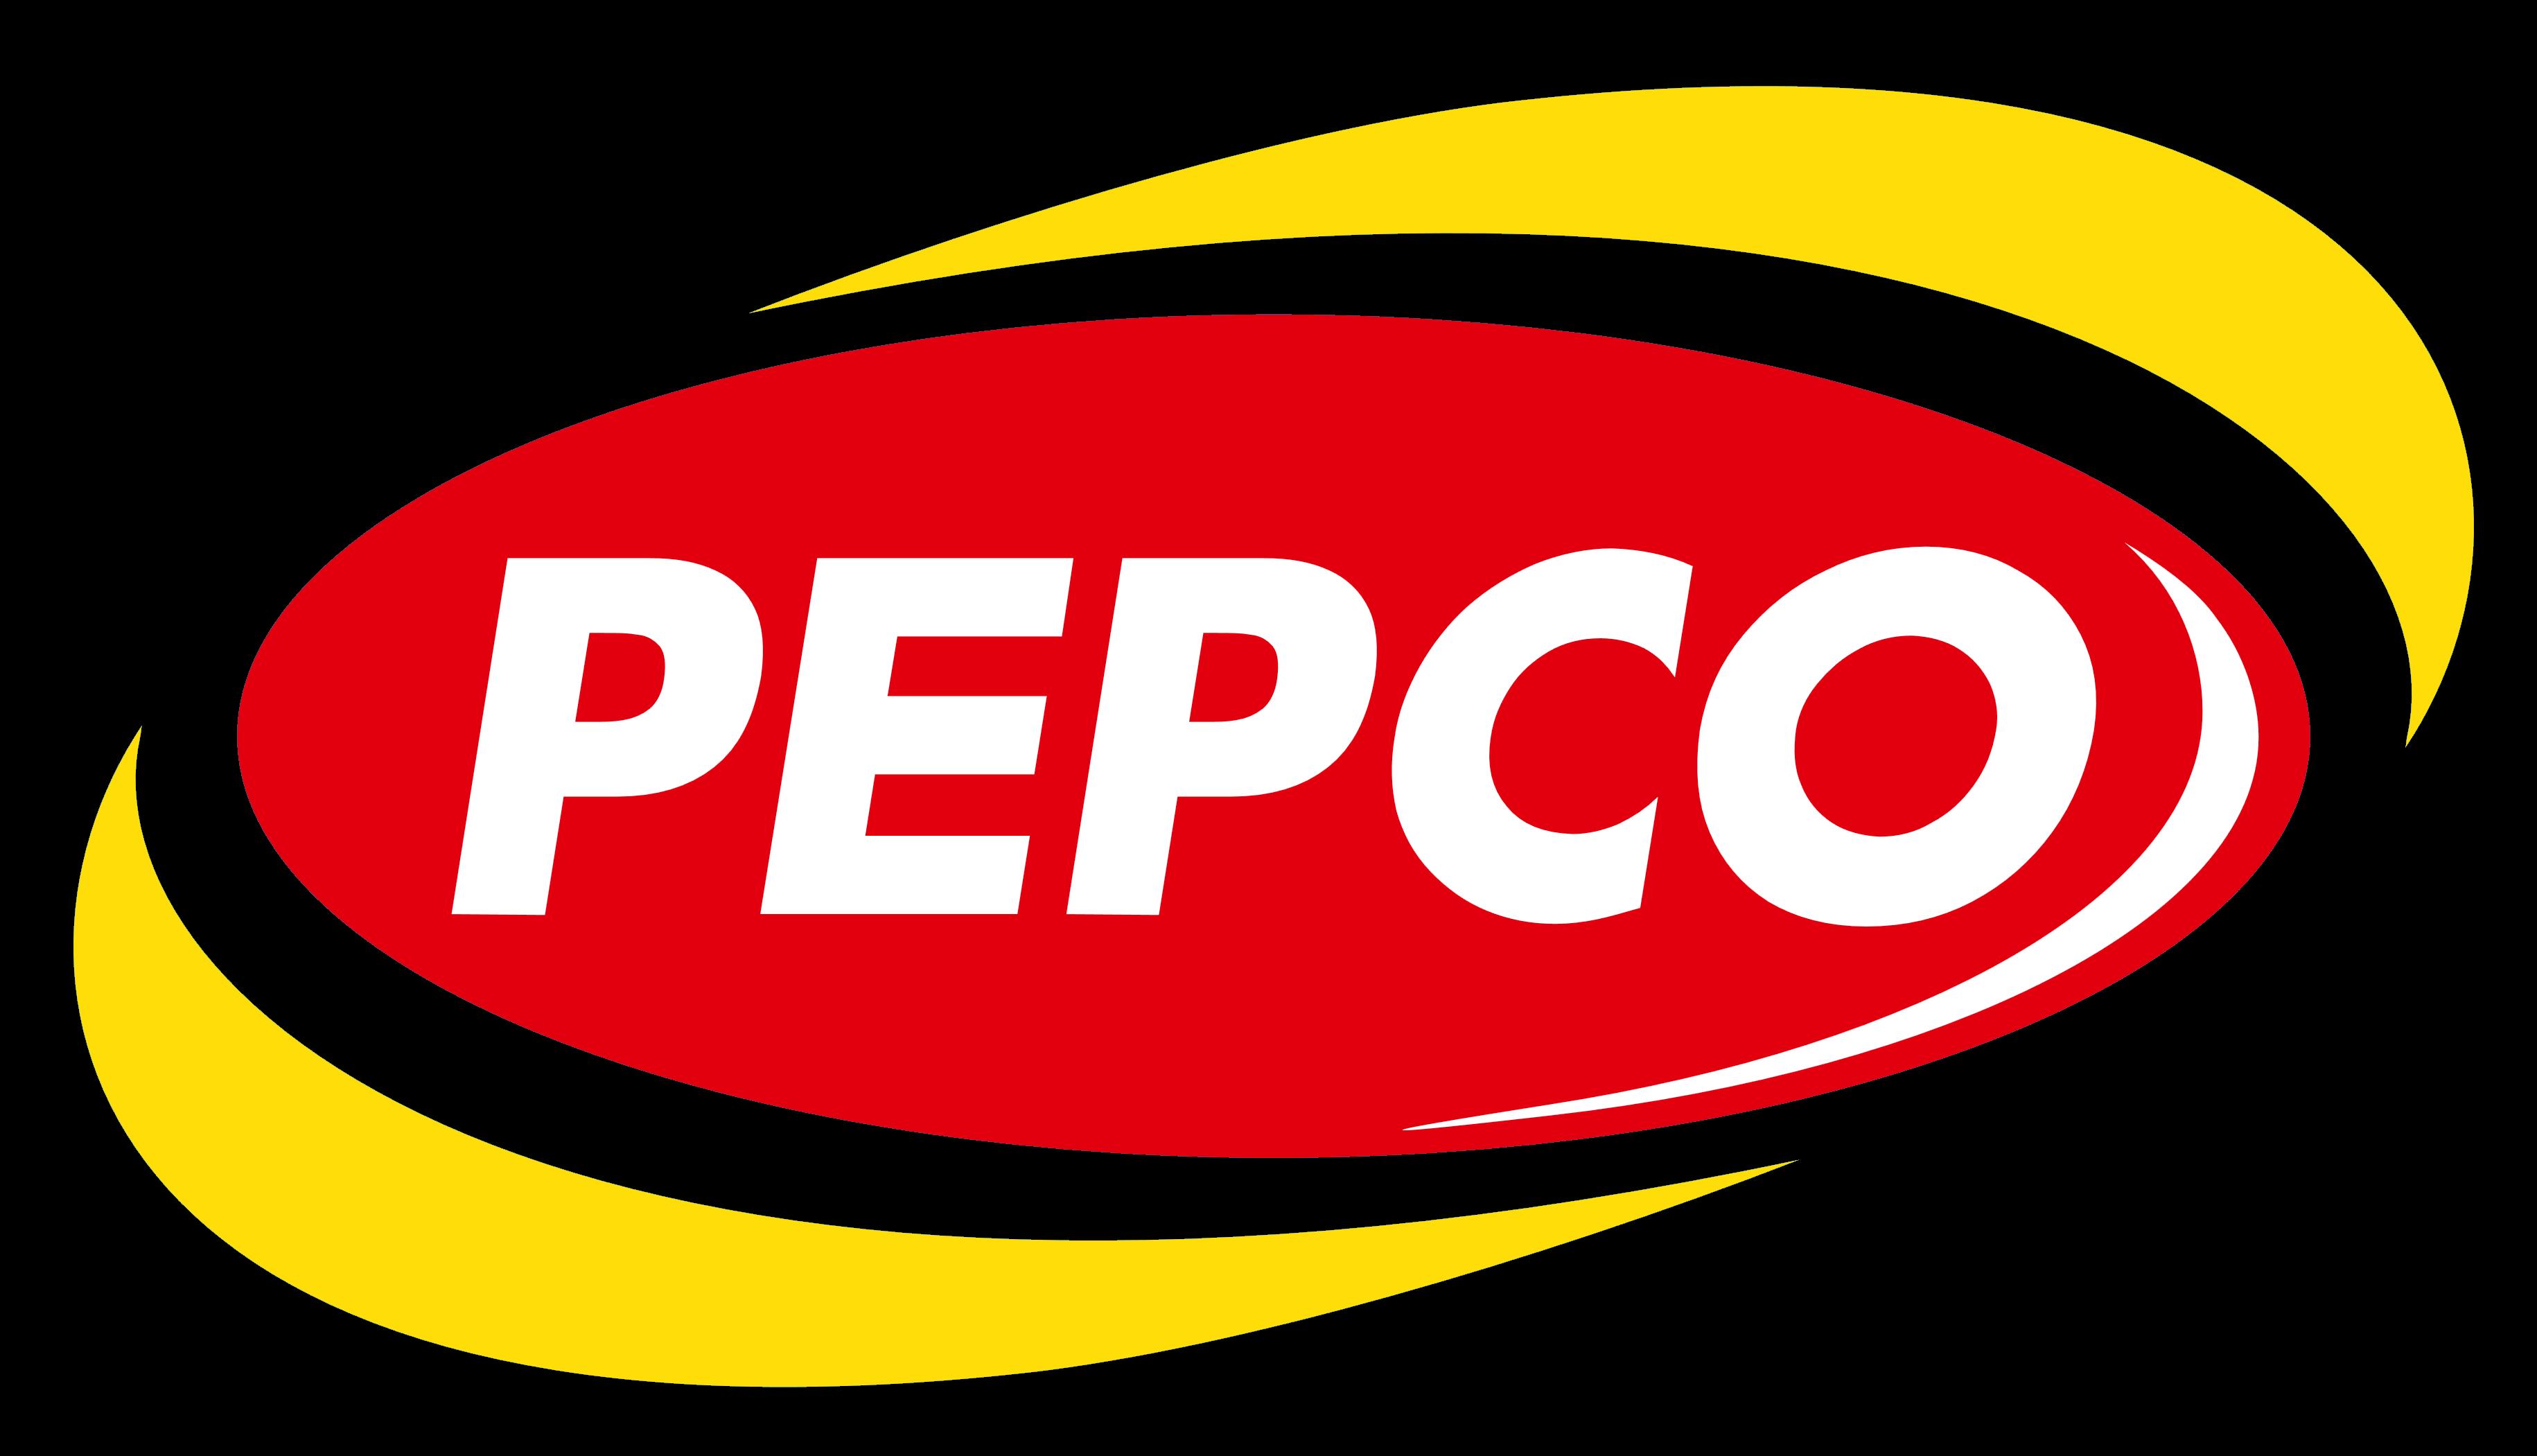 Pepco.